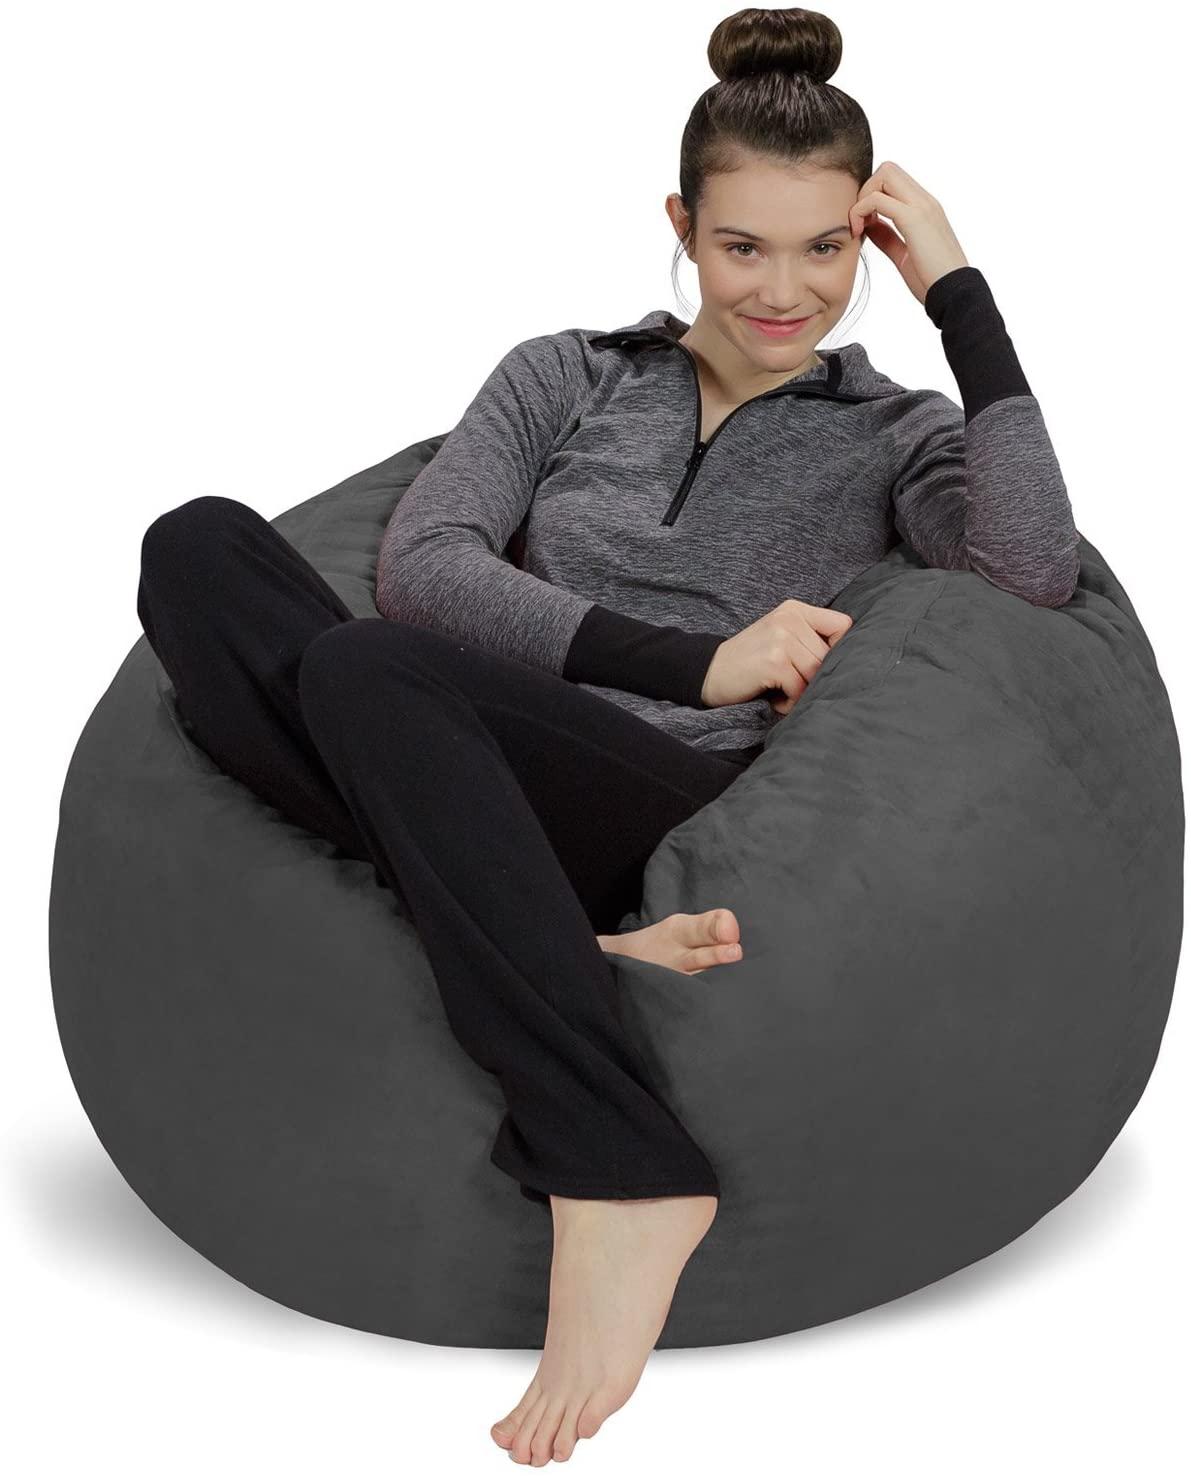 Sofa Sack Bean Bag Chair